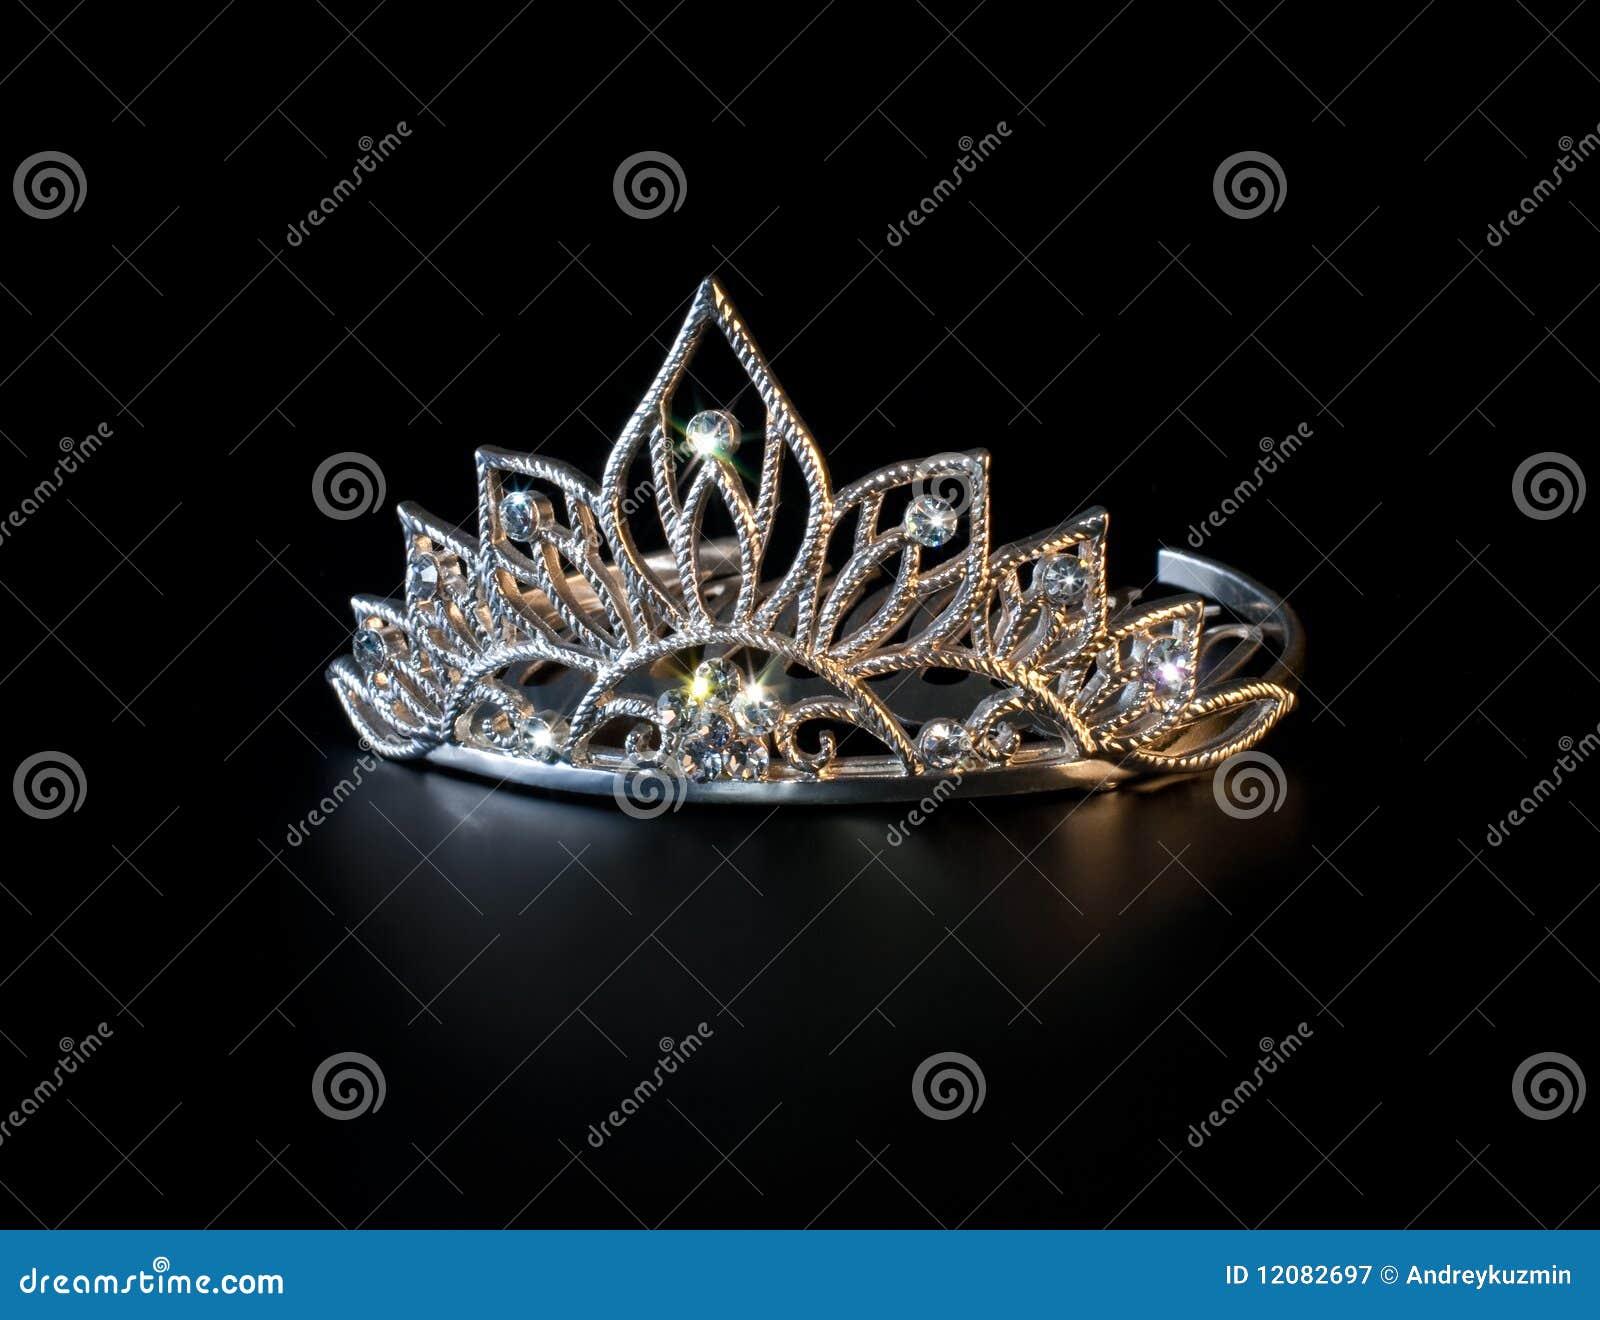 黑色五颜六色的王冠闪耀冠状头饰